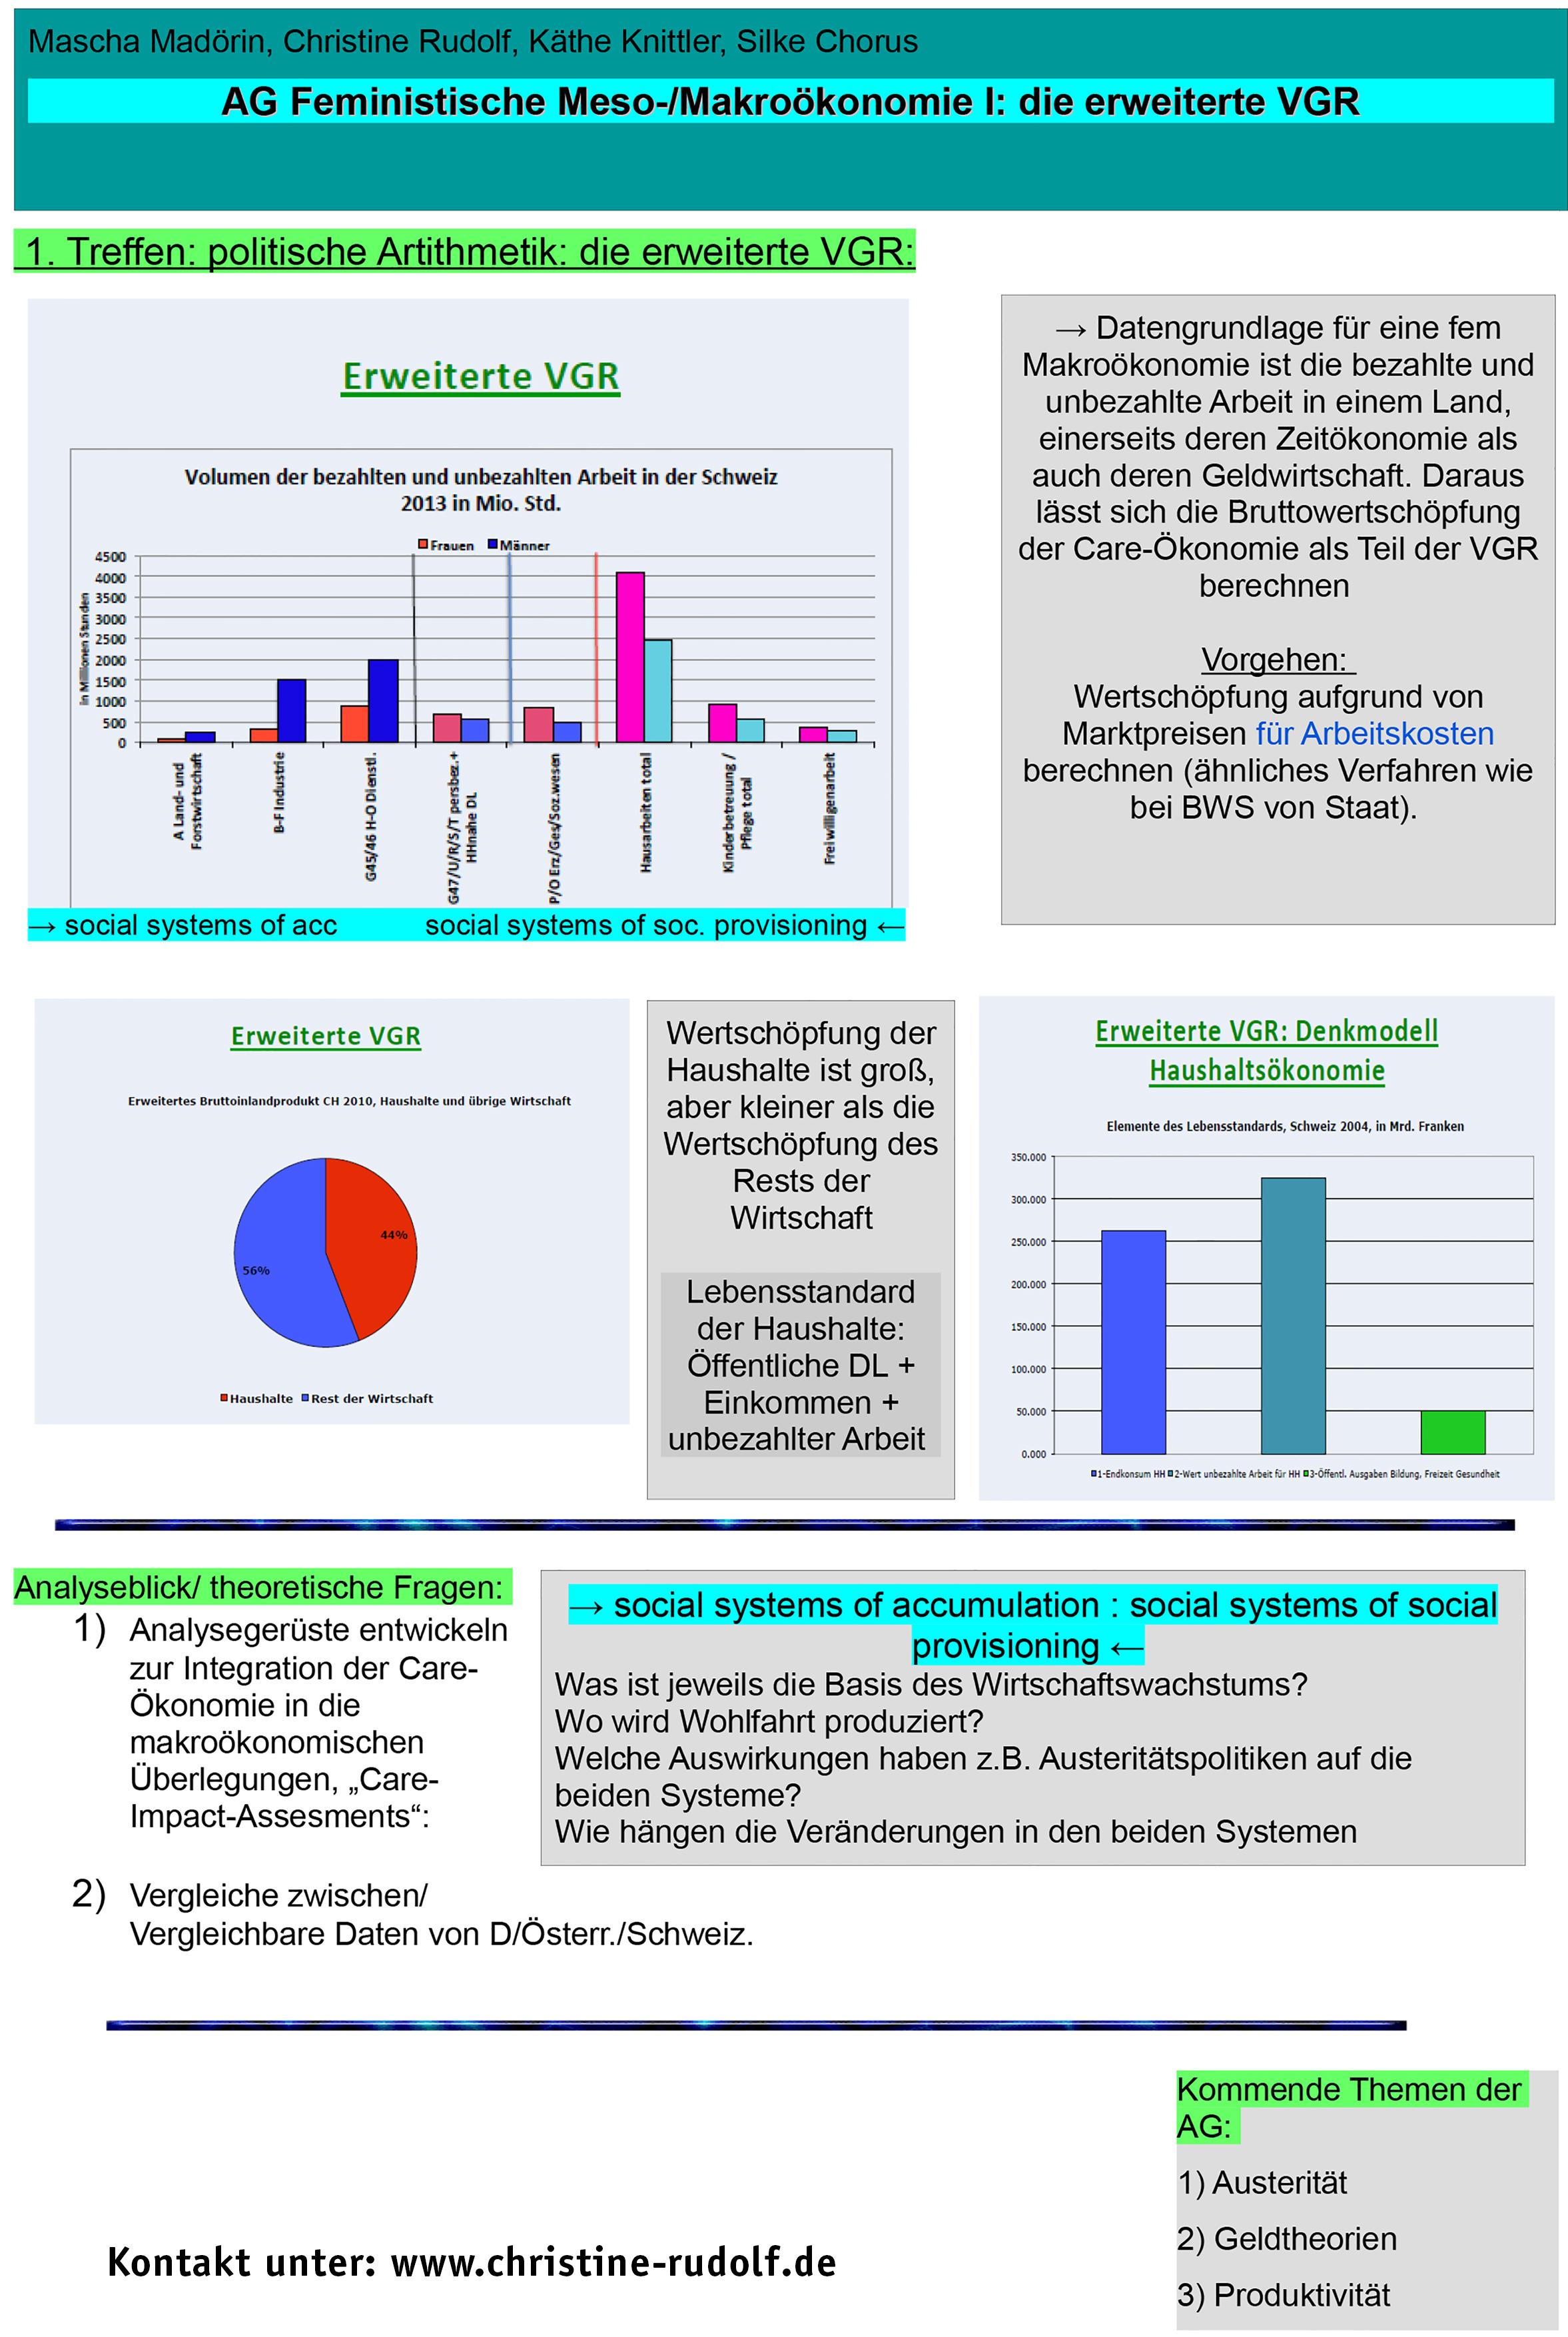 Poster aus dem Forschungsforum der 13. efas-Fachtagung zum Thema feministische Meso-/Makroökonomie. Die Autoren dieser Untersuchung sind Dr. Christine Rudolf, Mascha Madörin, Christine Rudolf, Käthe Knittler, Silke Chorus.